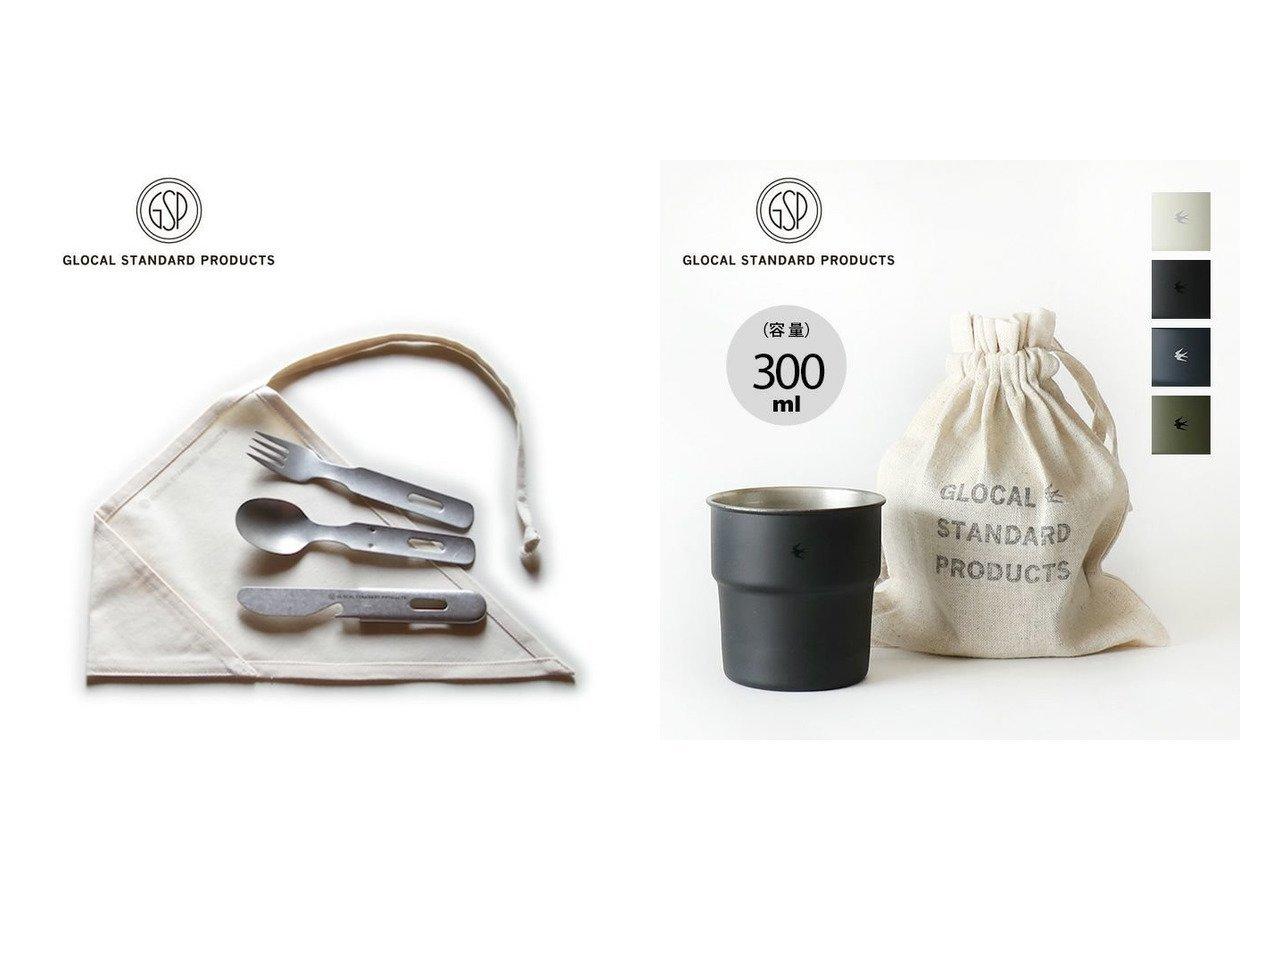 【GLOCAL STANDARD PRODUCTS / G.S.P./グローカルスタンダードプロダクツ】のキャンプ3pcs&ツバメスタッキングカップカラーズ おすすめ!人気キャンプ・アウトドア用品の通販 おすすめで人気の流行・トレンド、ファッションの通販商品 インテリア・家具・メンズファッション・キッズファッション・レディースファッション・服の通販 founy(ファニー) https://founy.com/ シンプル おすすめ Recommend アウトドア ダメージ ホーム・キャンプ・アウトドア Home,Garden,Outdoor,Camping Gear キャンプ用品・アウトドア  Camping Gear & Outdoor Supplies その他 雑貨 小物 Camping Tools  ID:crp329100000063805